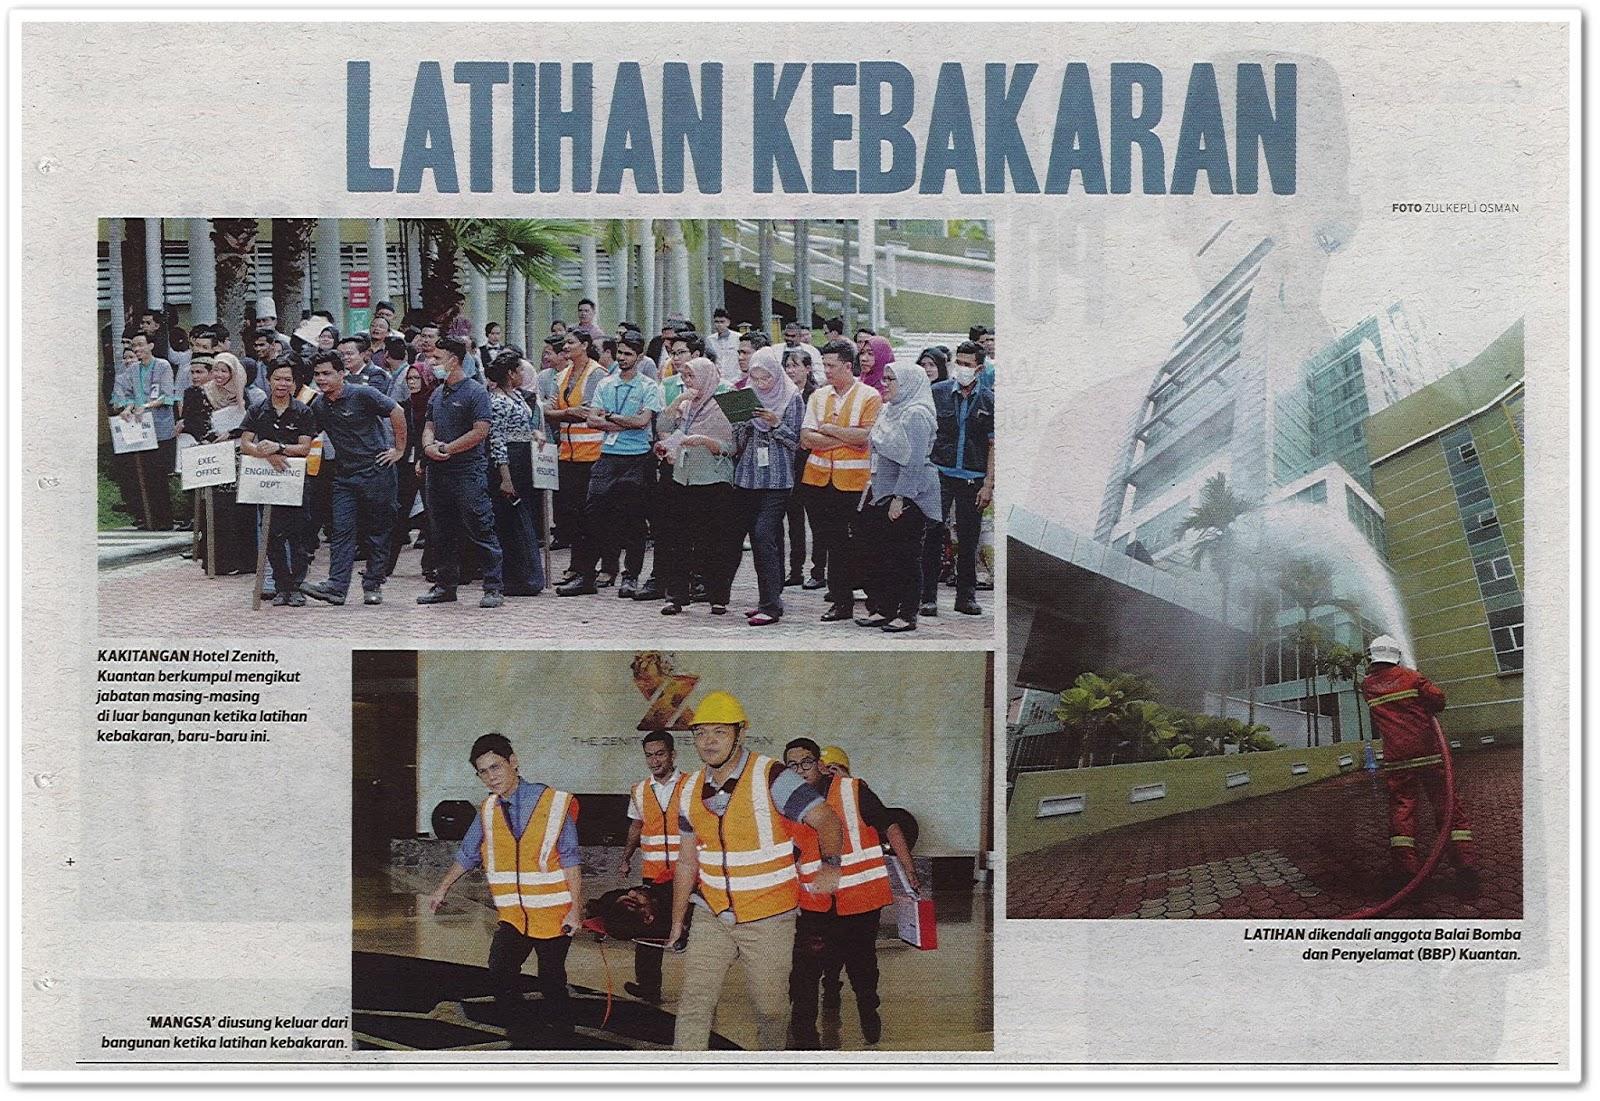 Lensa Kamera : Latihan kebakaran - Keratan akhbar Harian Metro 16 Mei 2019